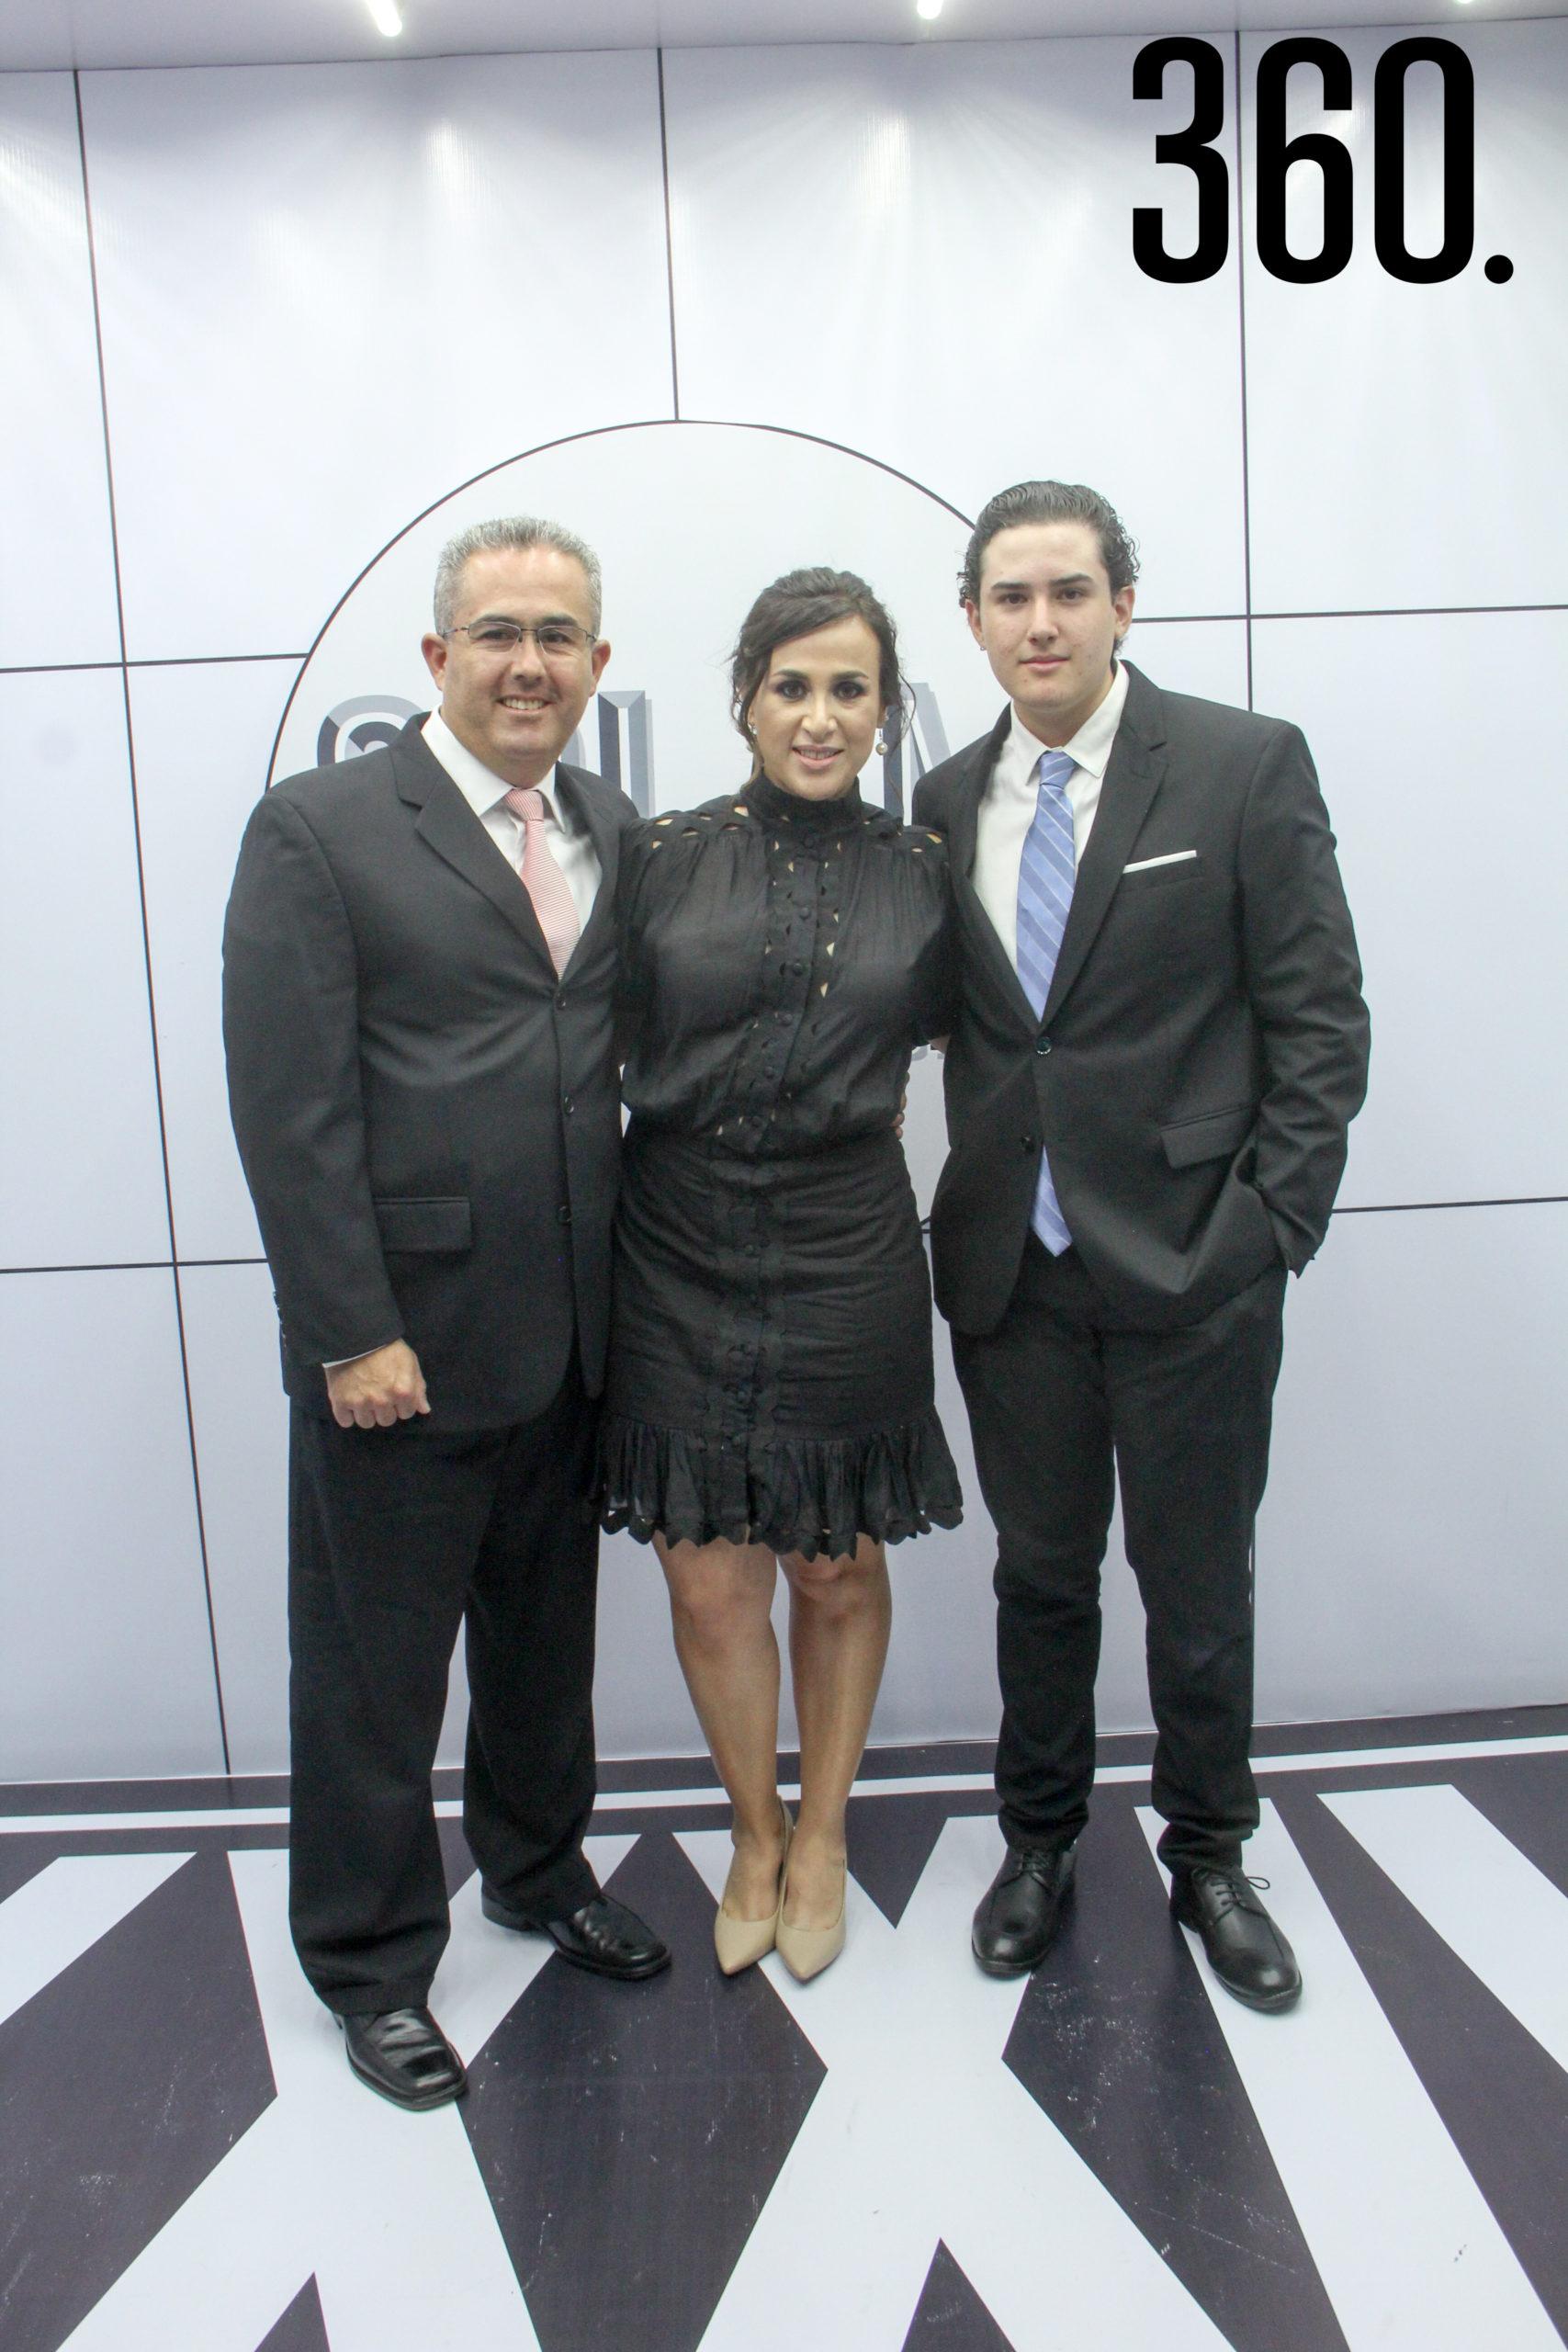 Rodolfo Fernández, Erika de Fernández y Rodolfo Fernández.